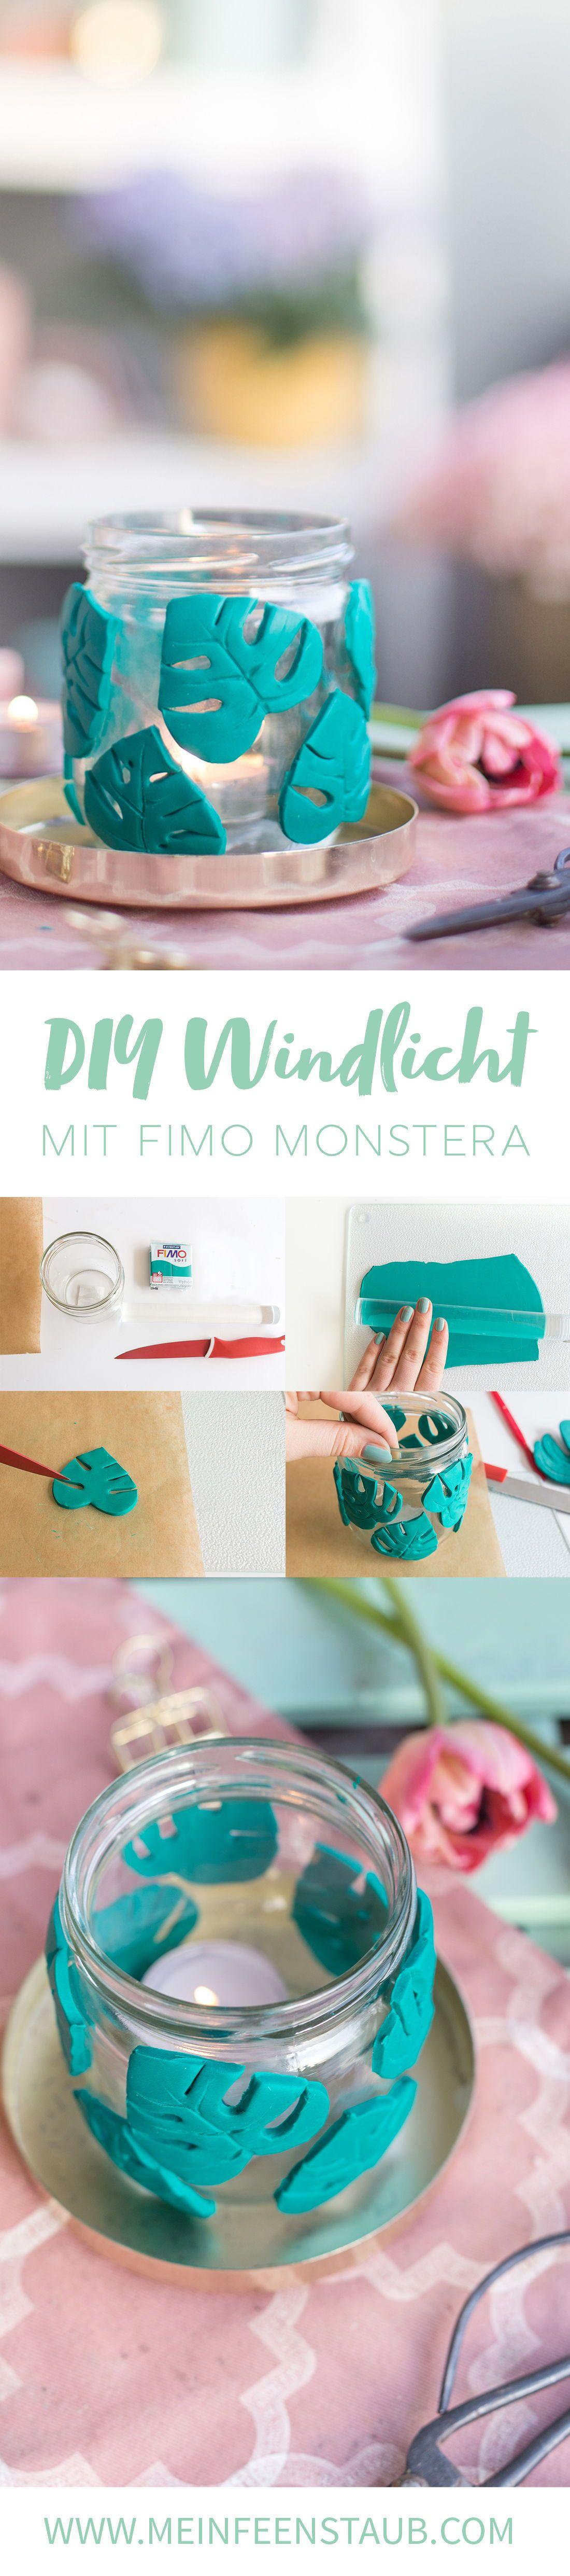 Diy Windlicht Mit Fimo Monstera Selbermachen